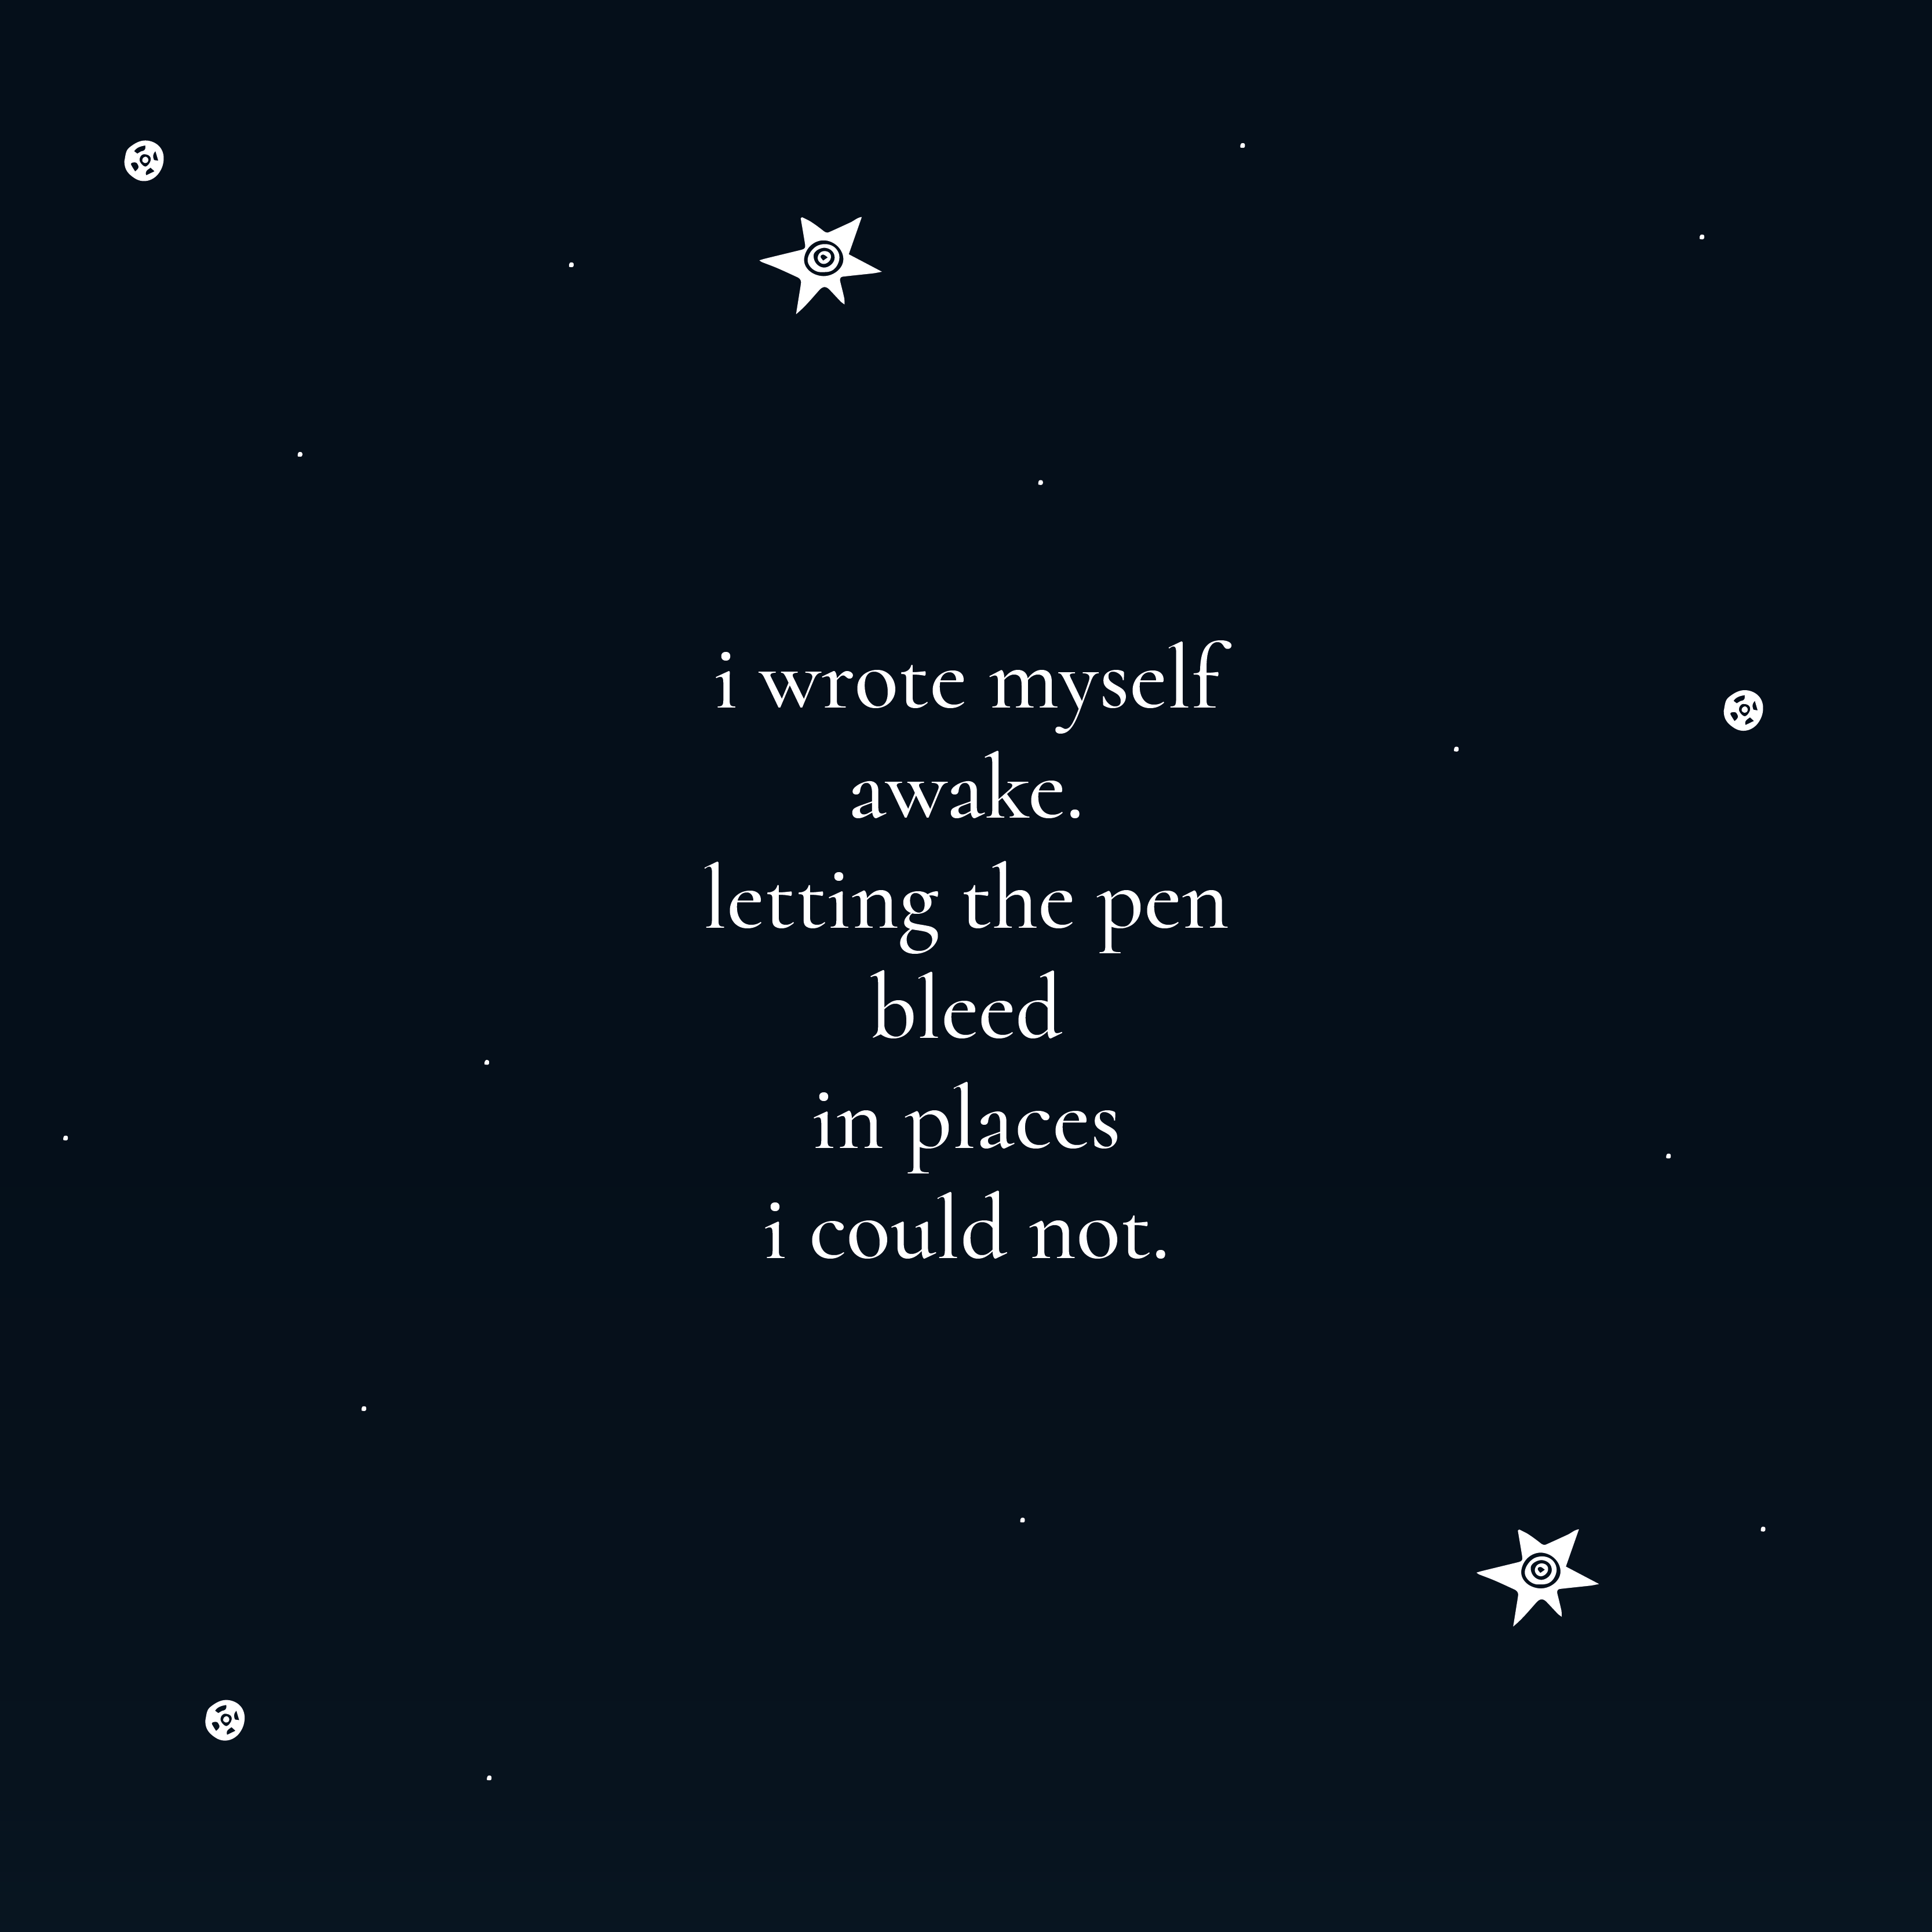 HWHG_Social_Insta poem 4.png